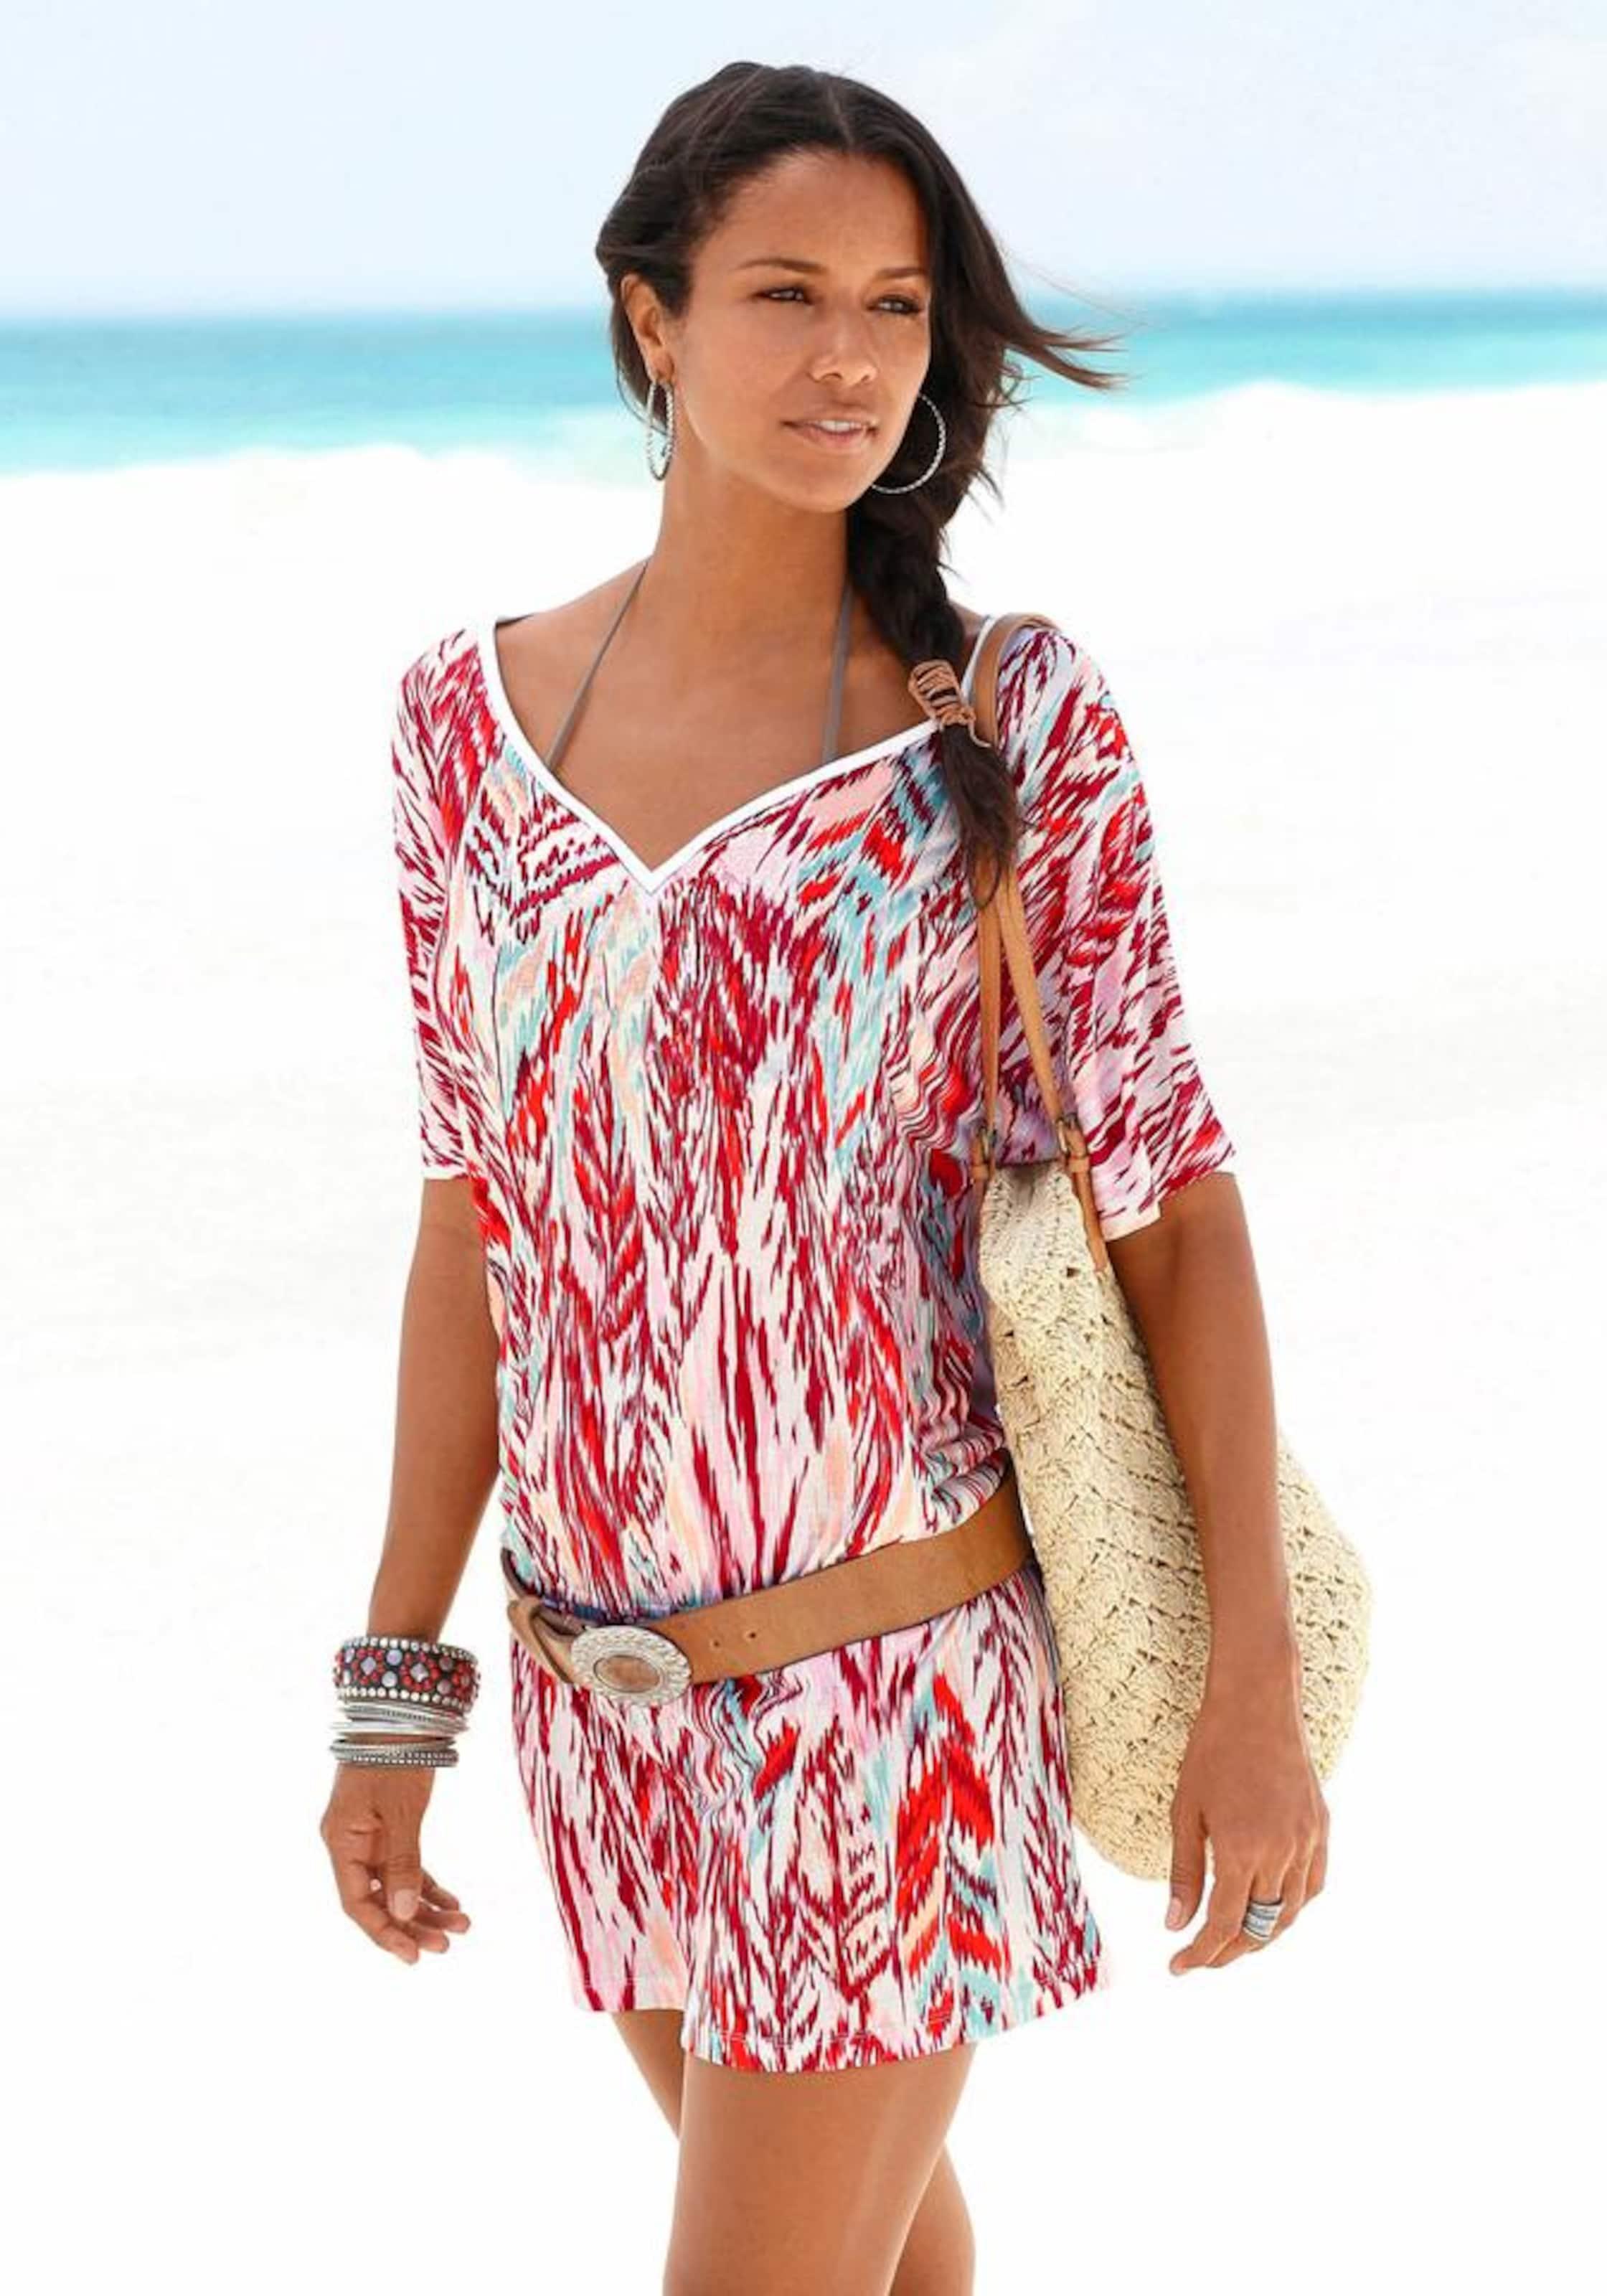 Beachwear Label TürkisRot Red Longshirt In S oliver FKcl1J